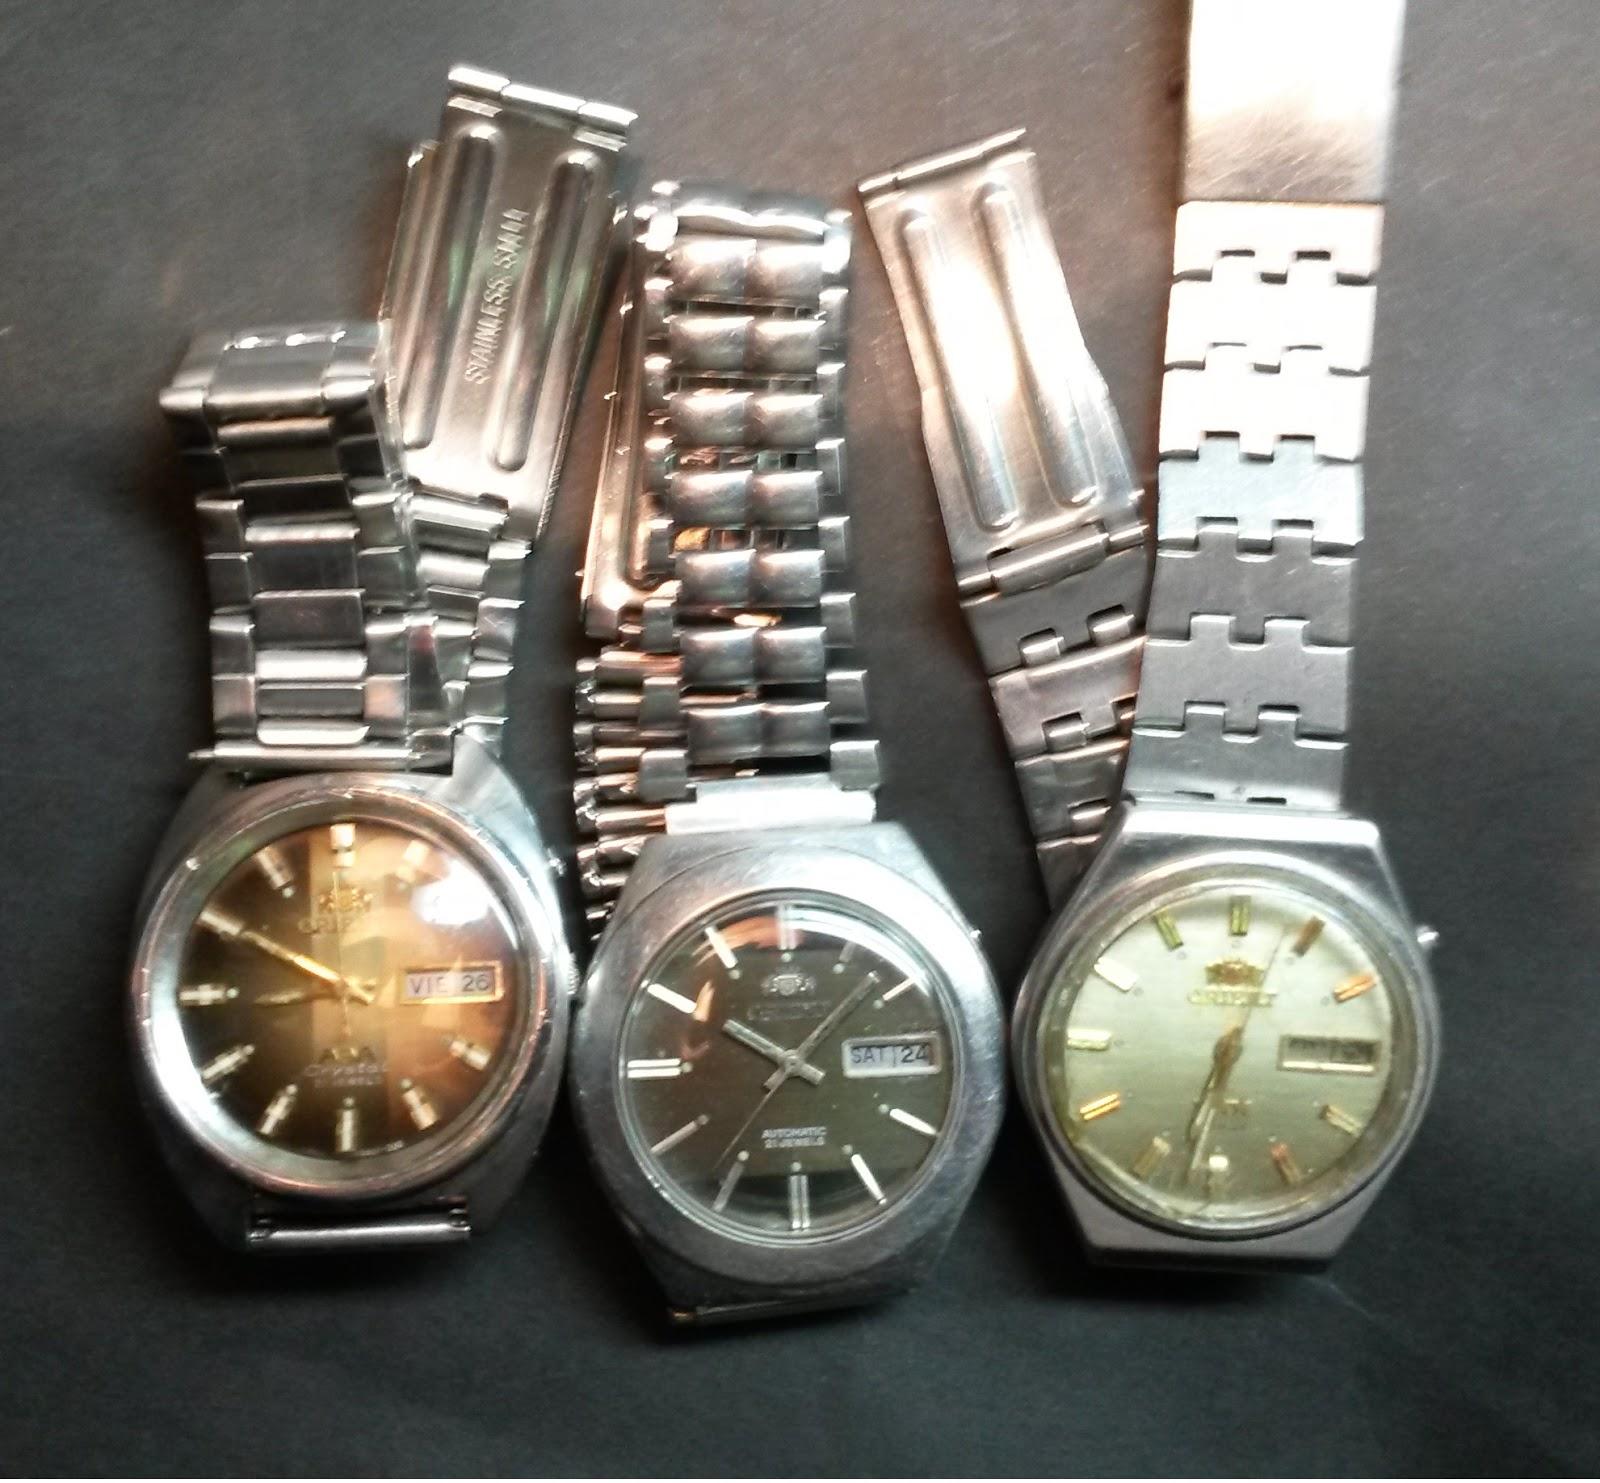 de366608439 Relógios Orient antigo (3)